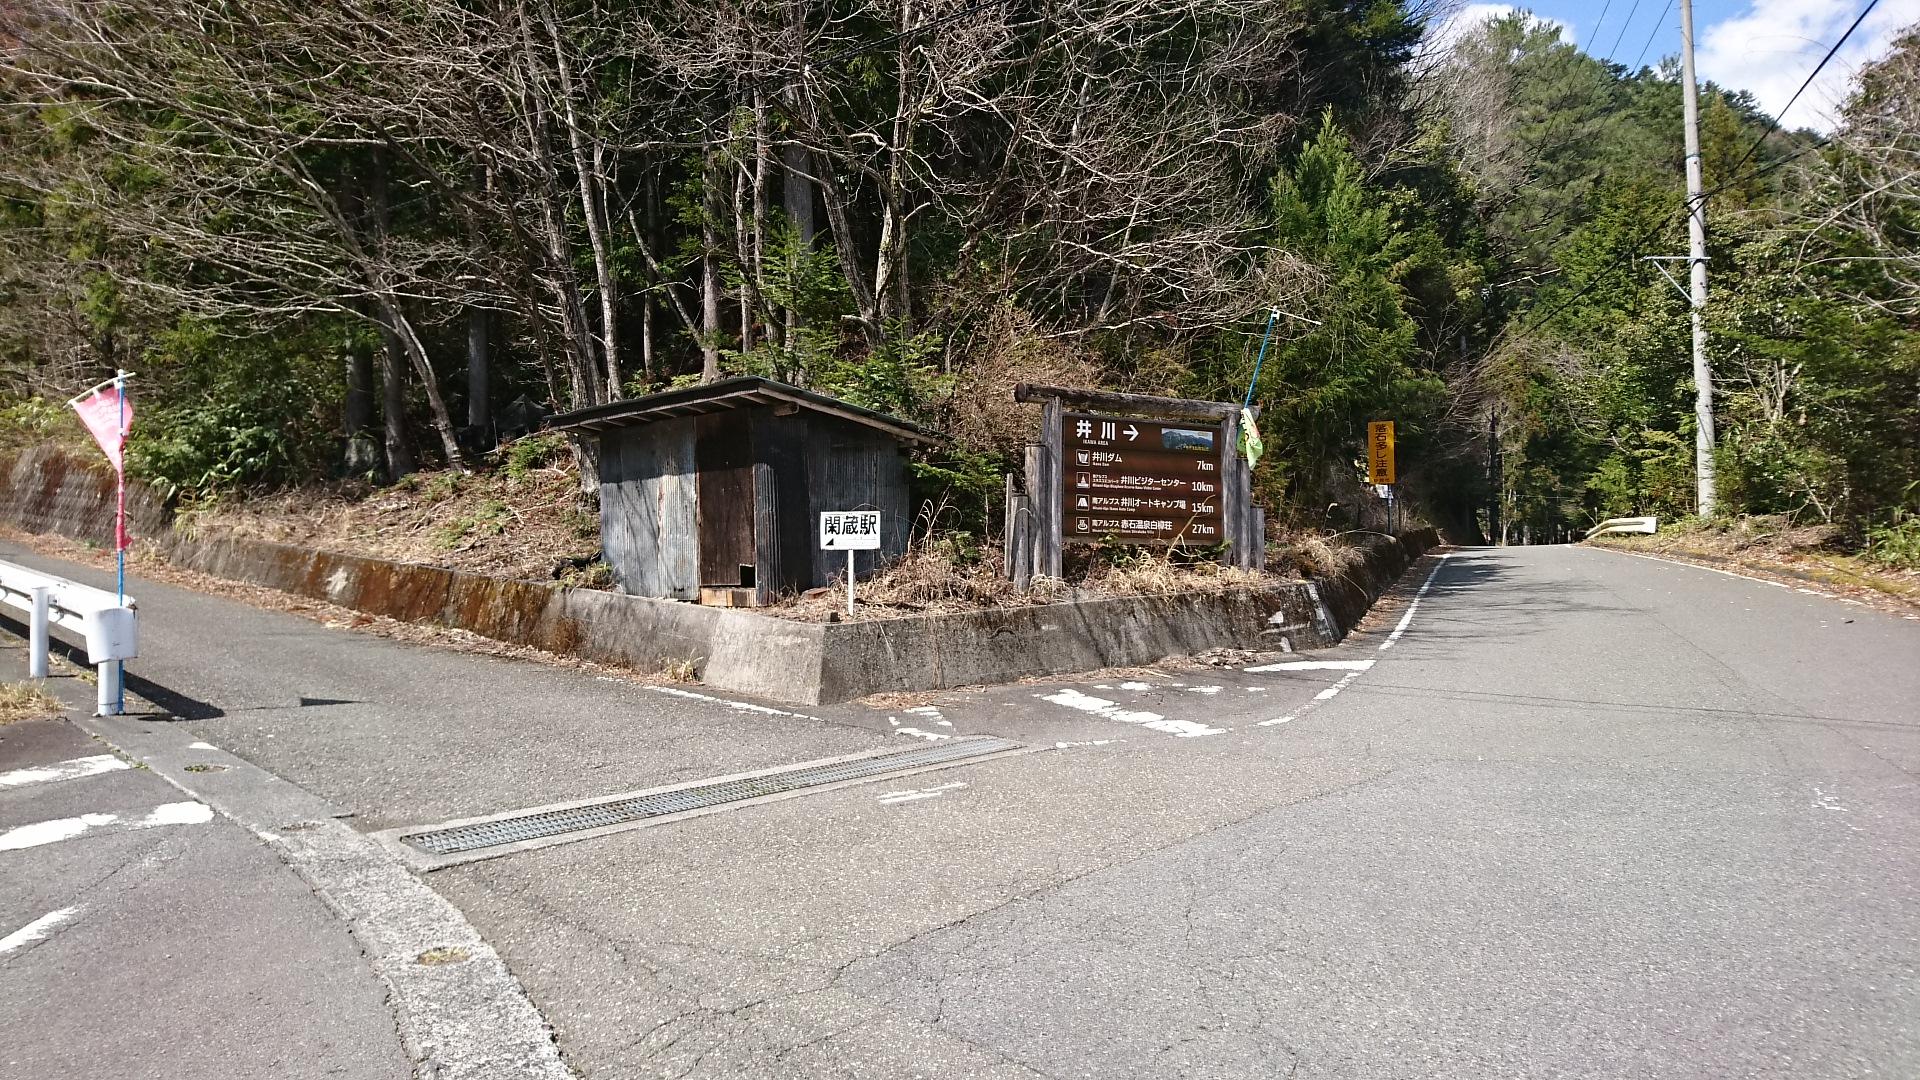 2018.3.28 かえり (11) 閑蔵駅前バス停 1920-1080